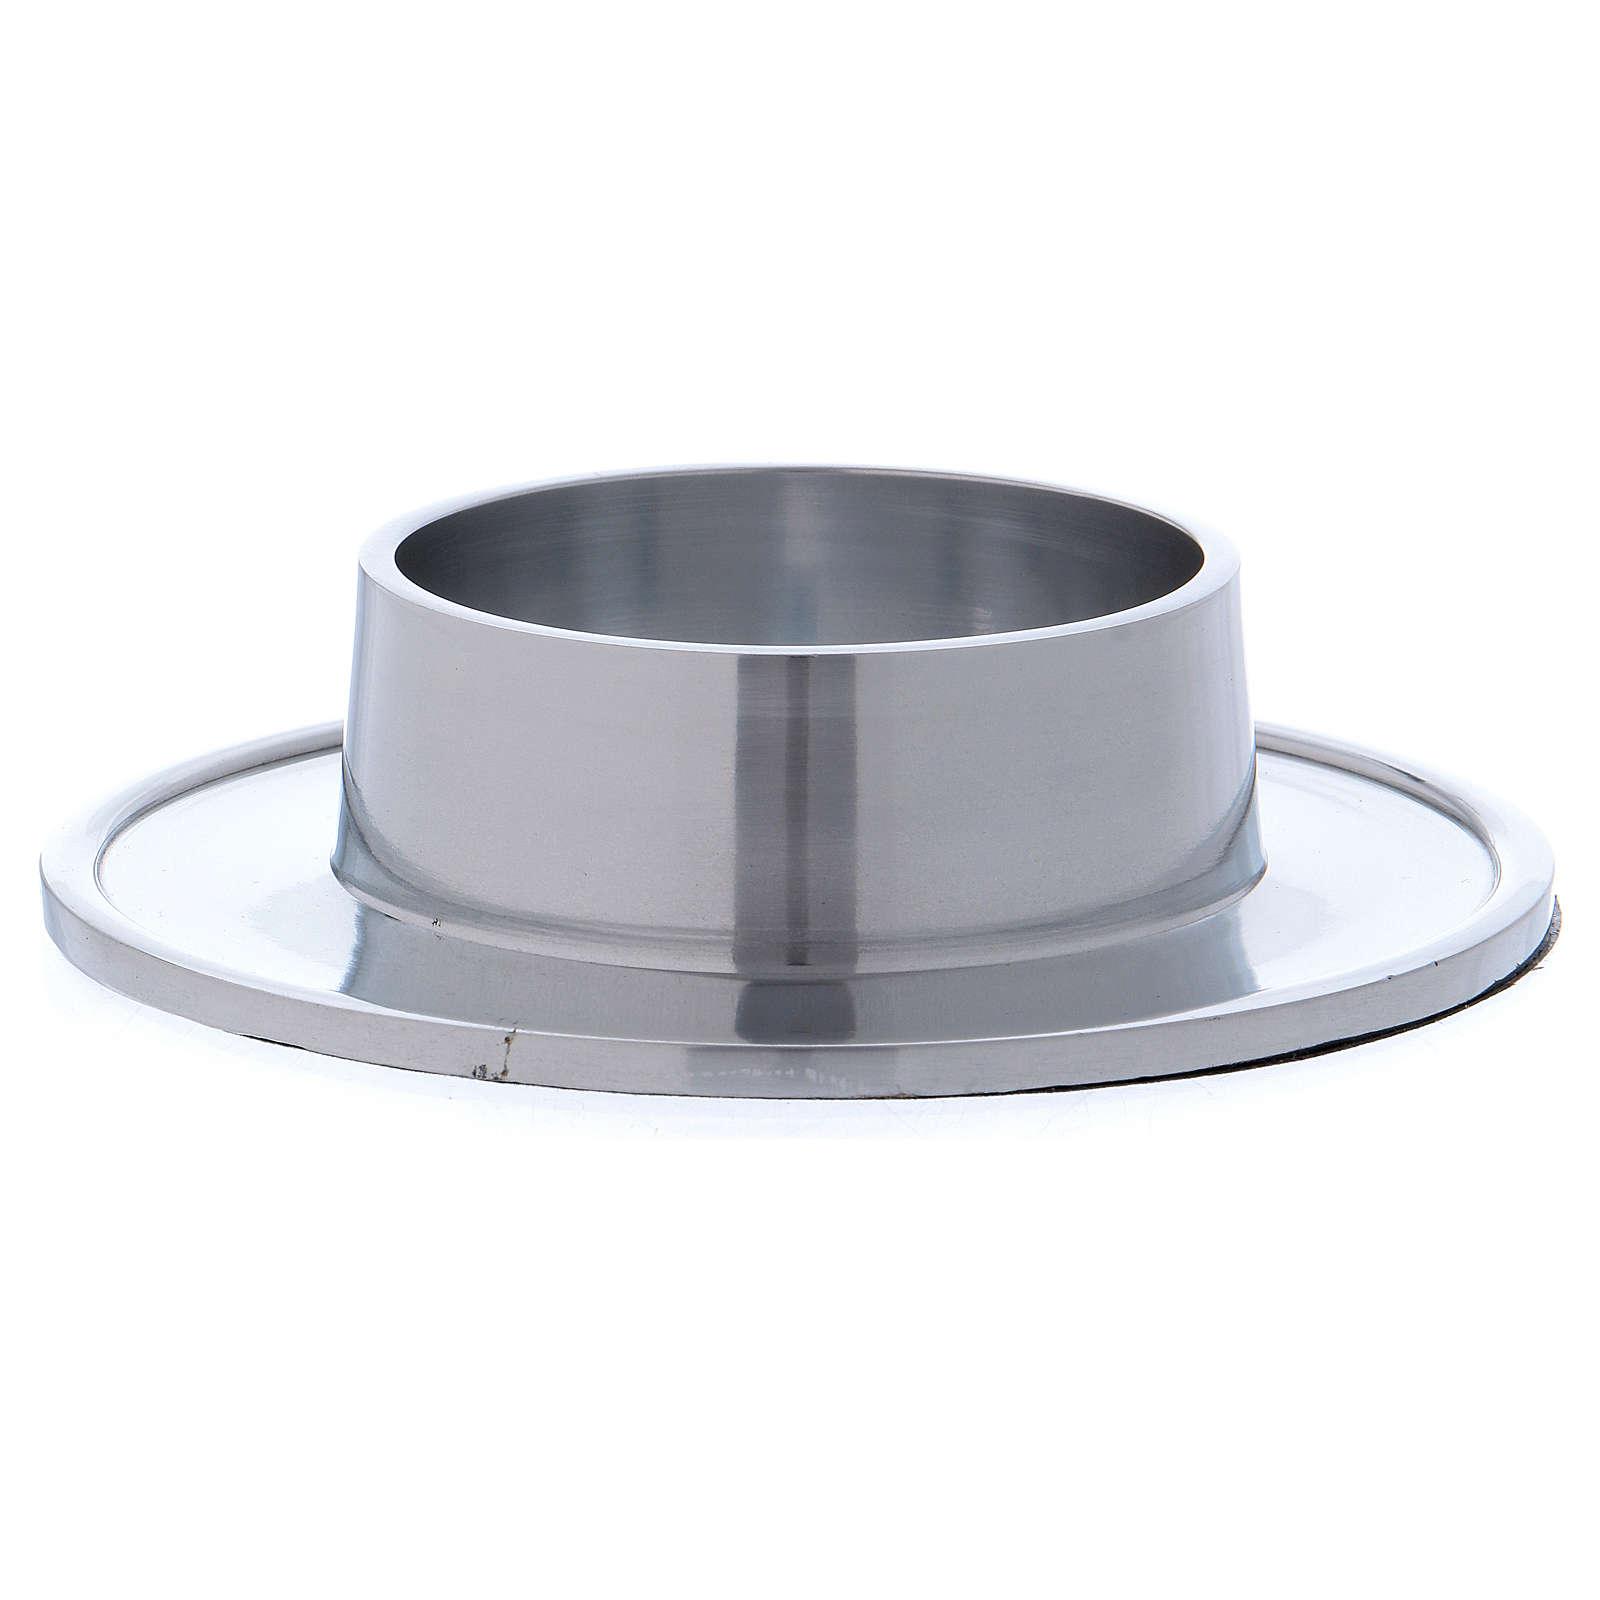 Piattino portacero semplice ottone argentato 7 cm 4